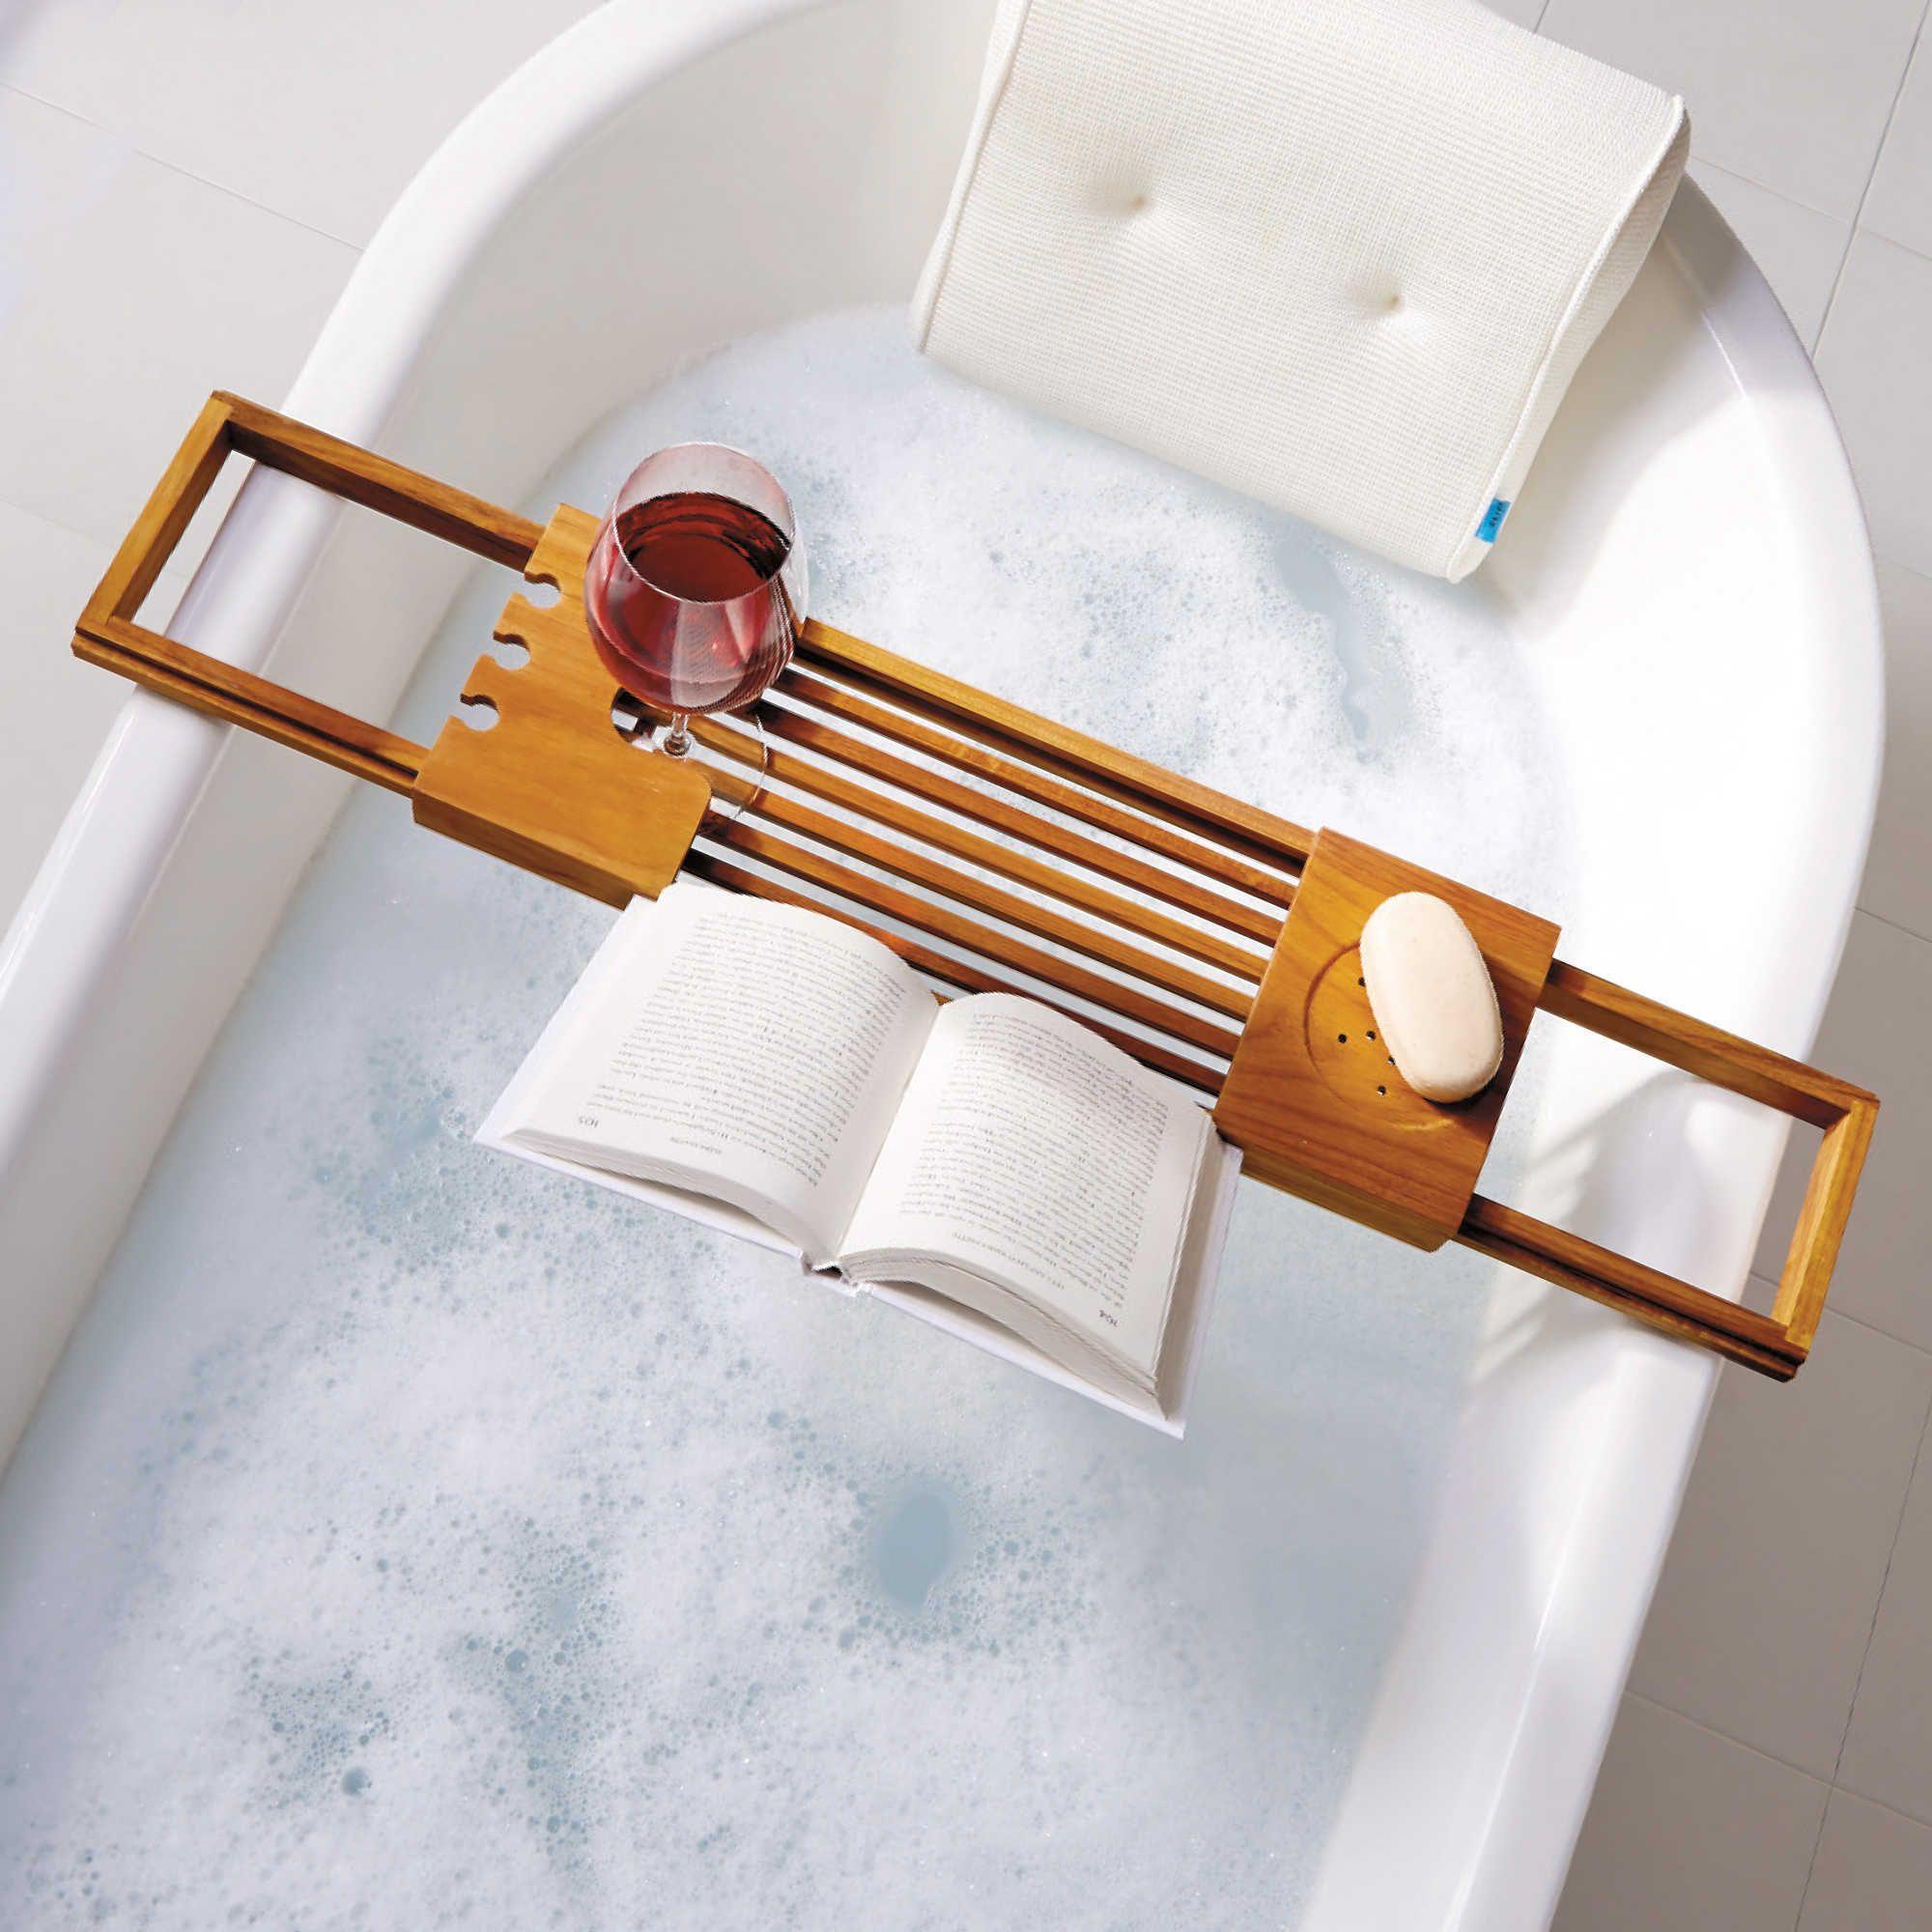 Teak Bathtub Caddy Bed Bath Beyond Bathtub Caddy Bathtub